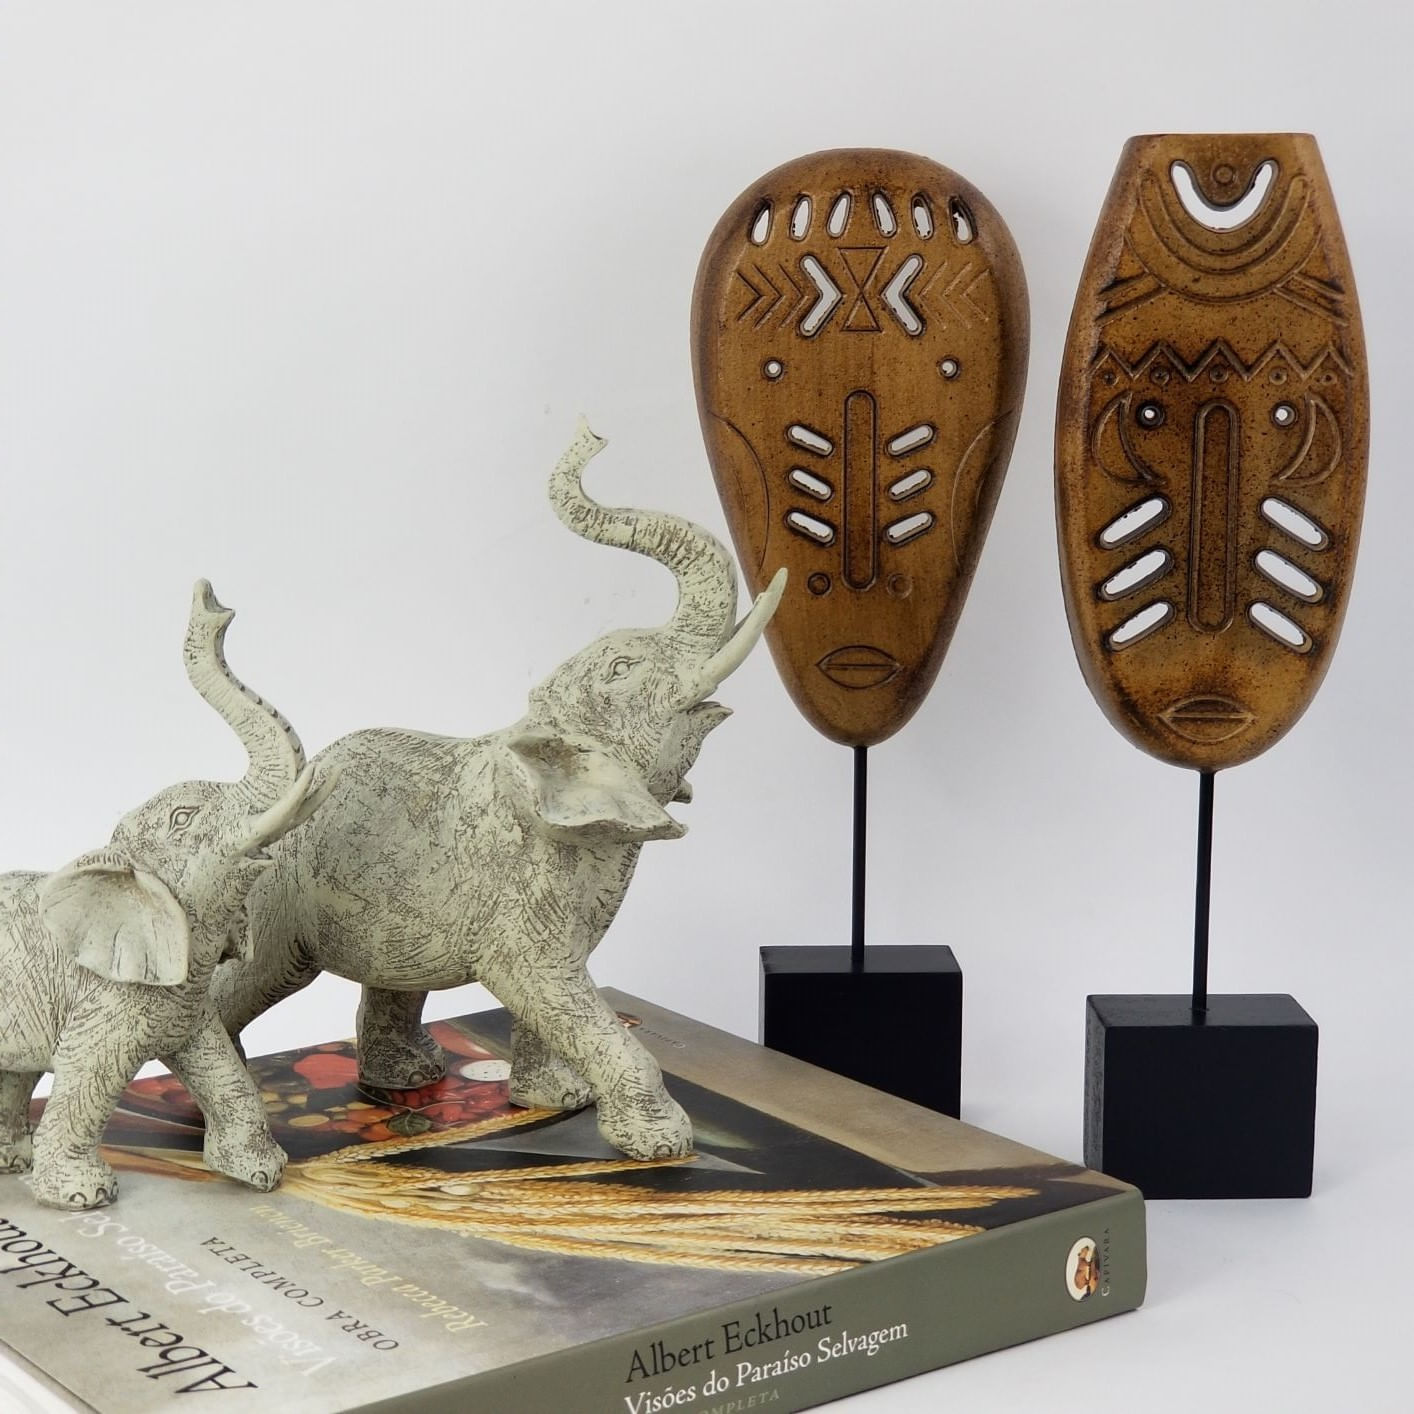 Elefante Decorativo de Resina - Filho / Pequeno Cor Cinza